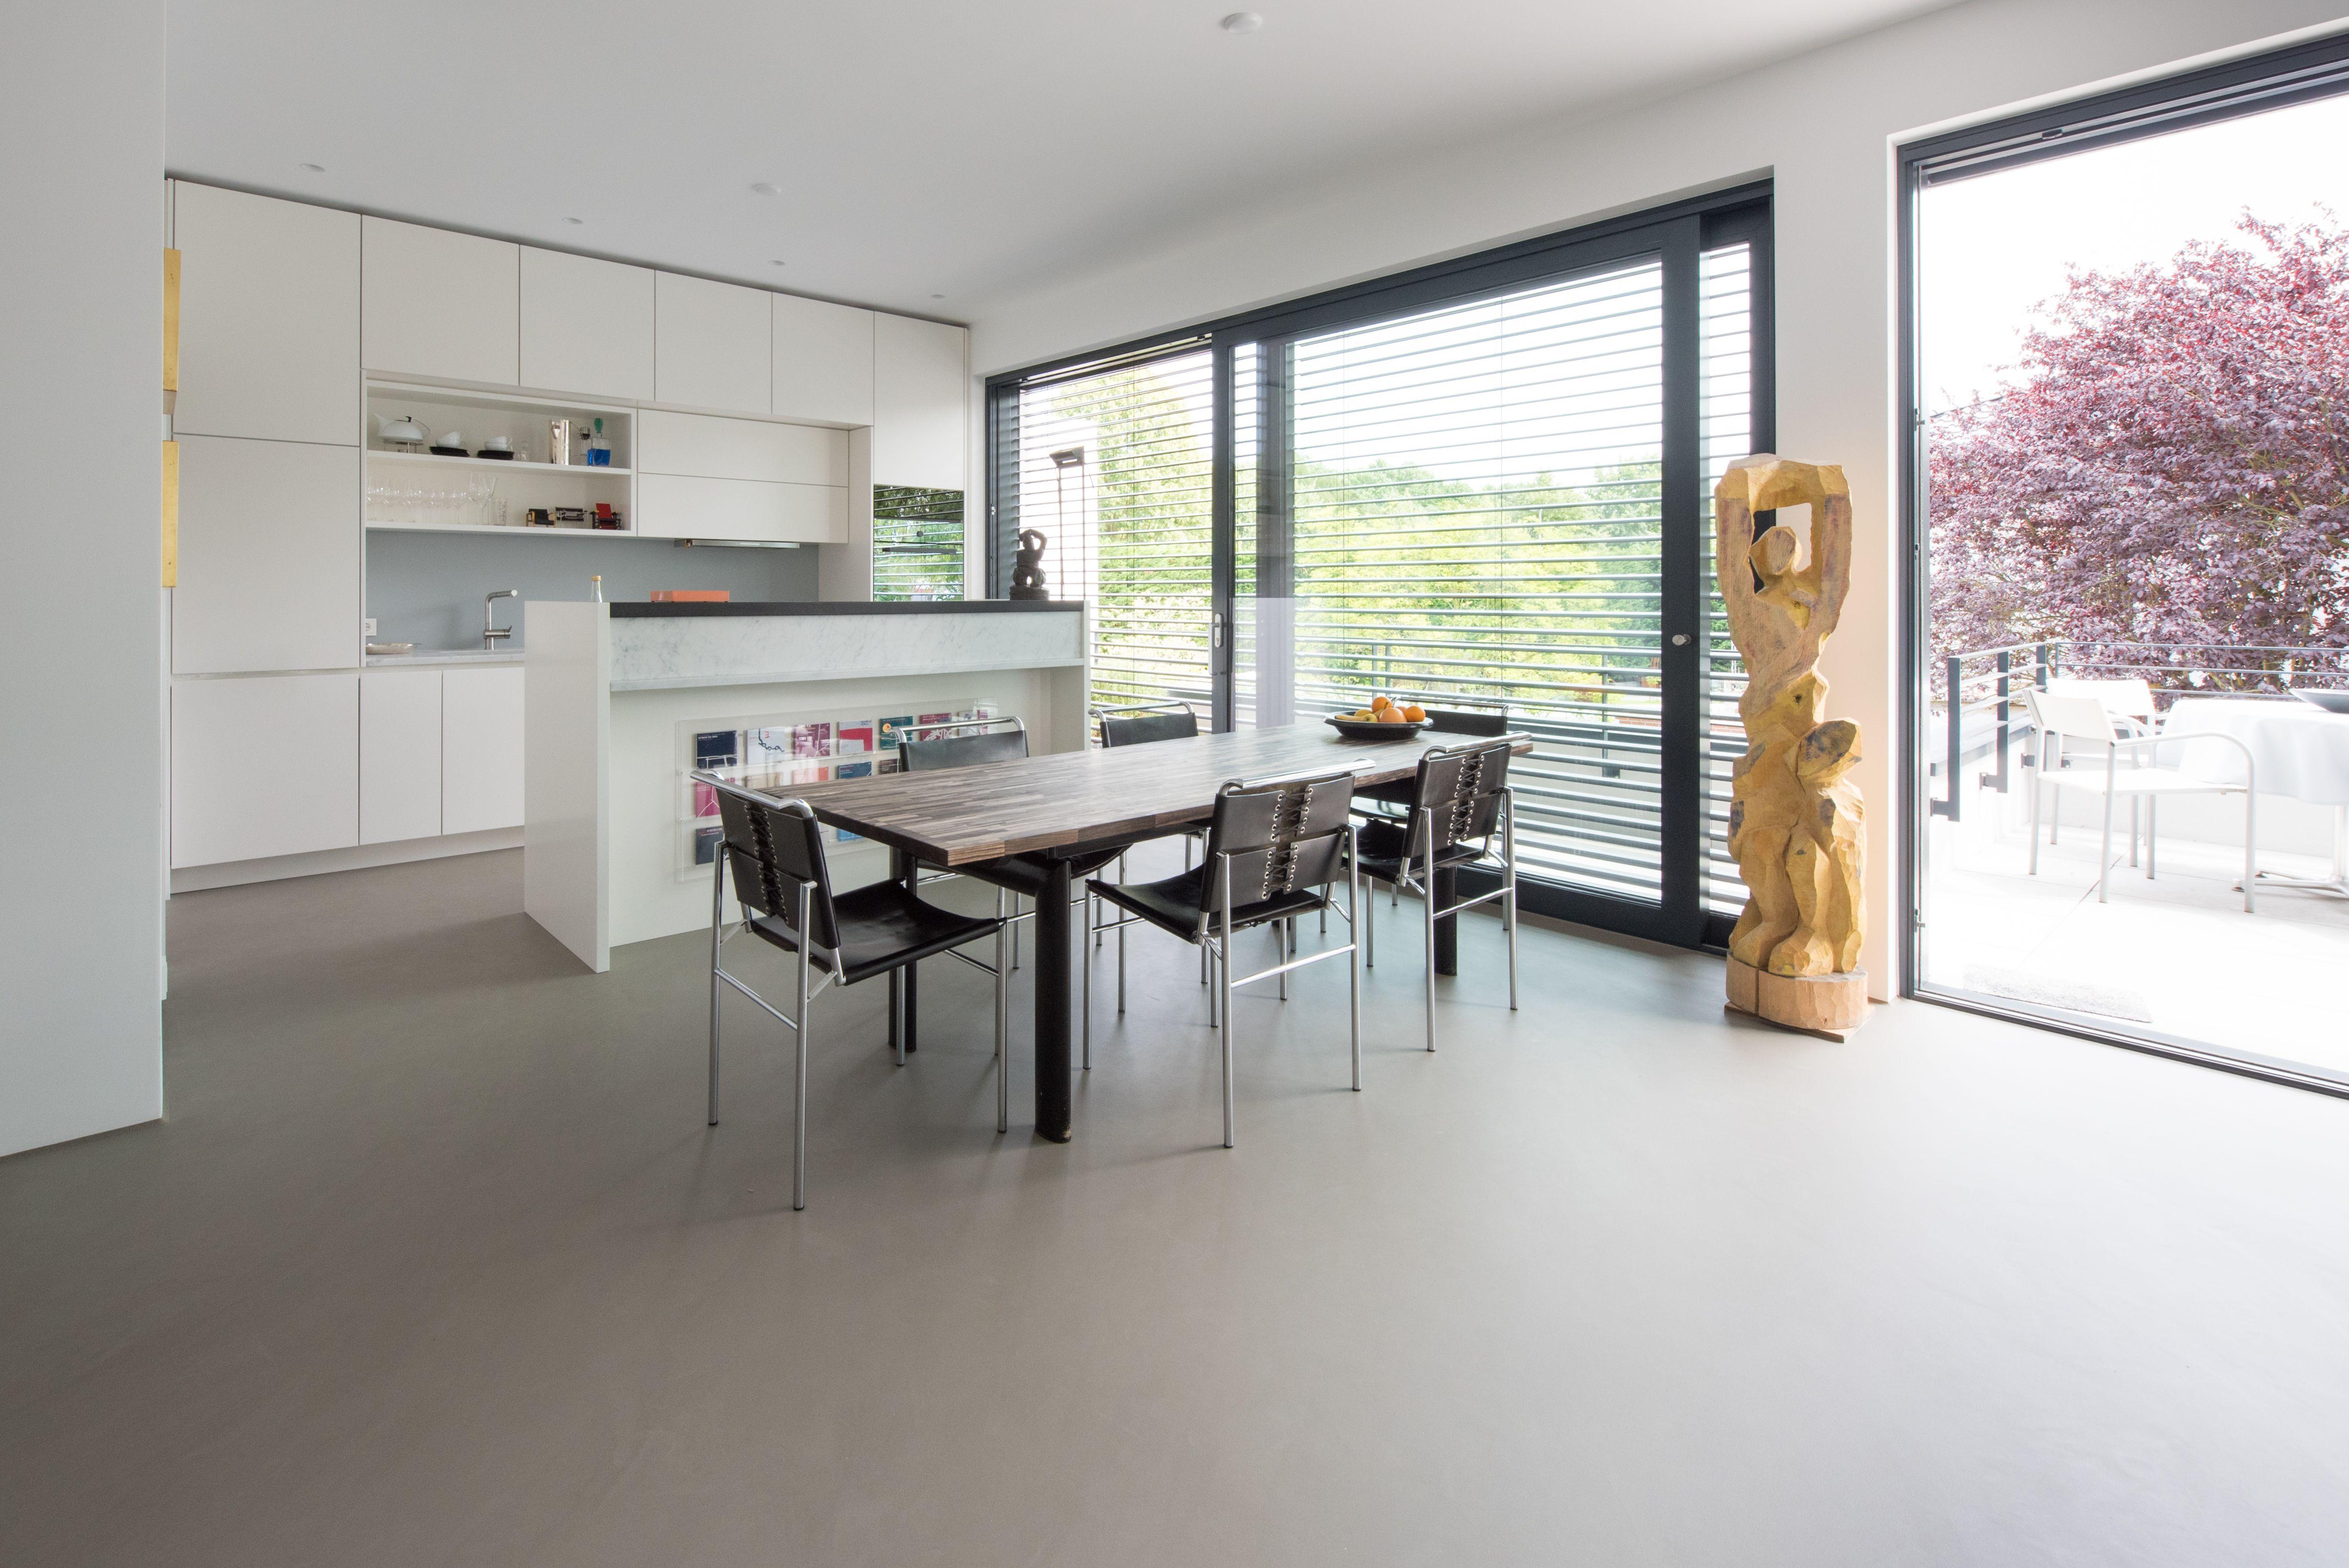 Urbaner Betonlook Zeitlos Schon Betonboden Wohnzimmer Fugenloser Boden Wohnung